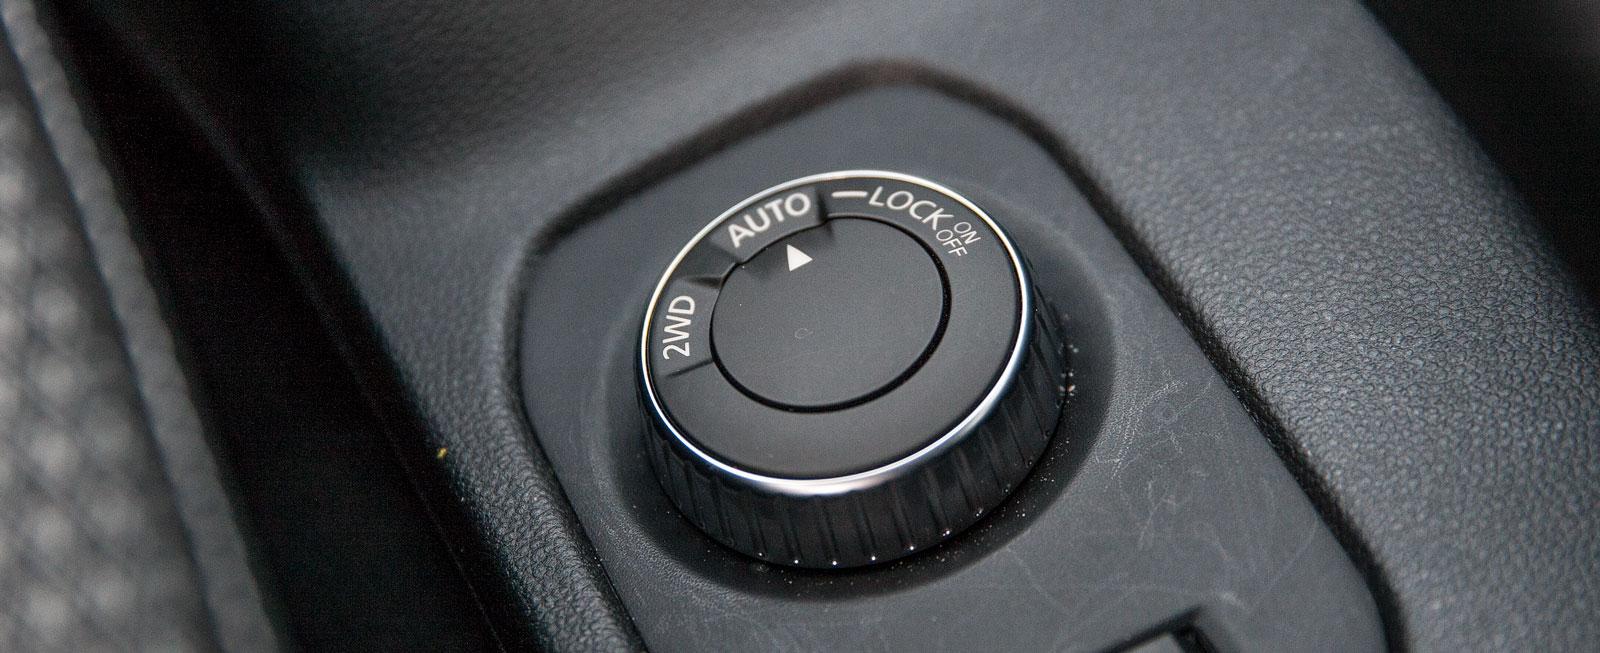 Framhjulsdrift, automatiskt reglerad fyrhjulsdrift eller spärrning mellan främre och bakre hjulpar sköts med vred mellan stolarna. Där finns också reglaget till farthållaren/-begränsaren.